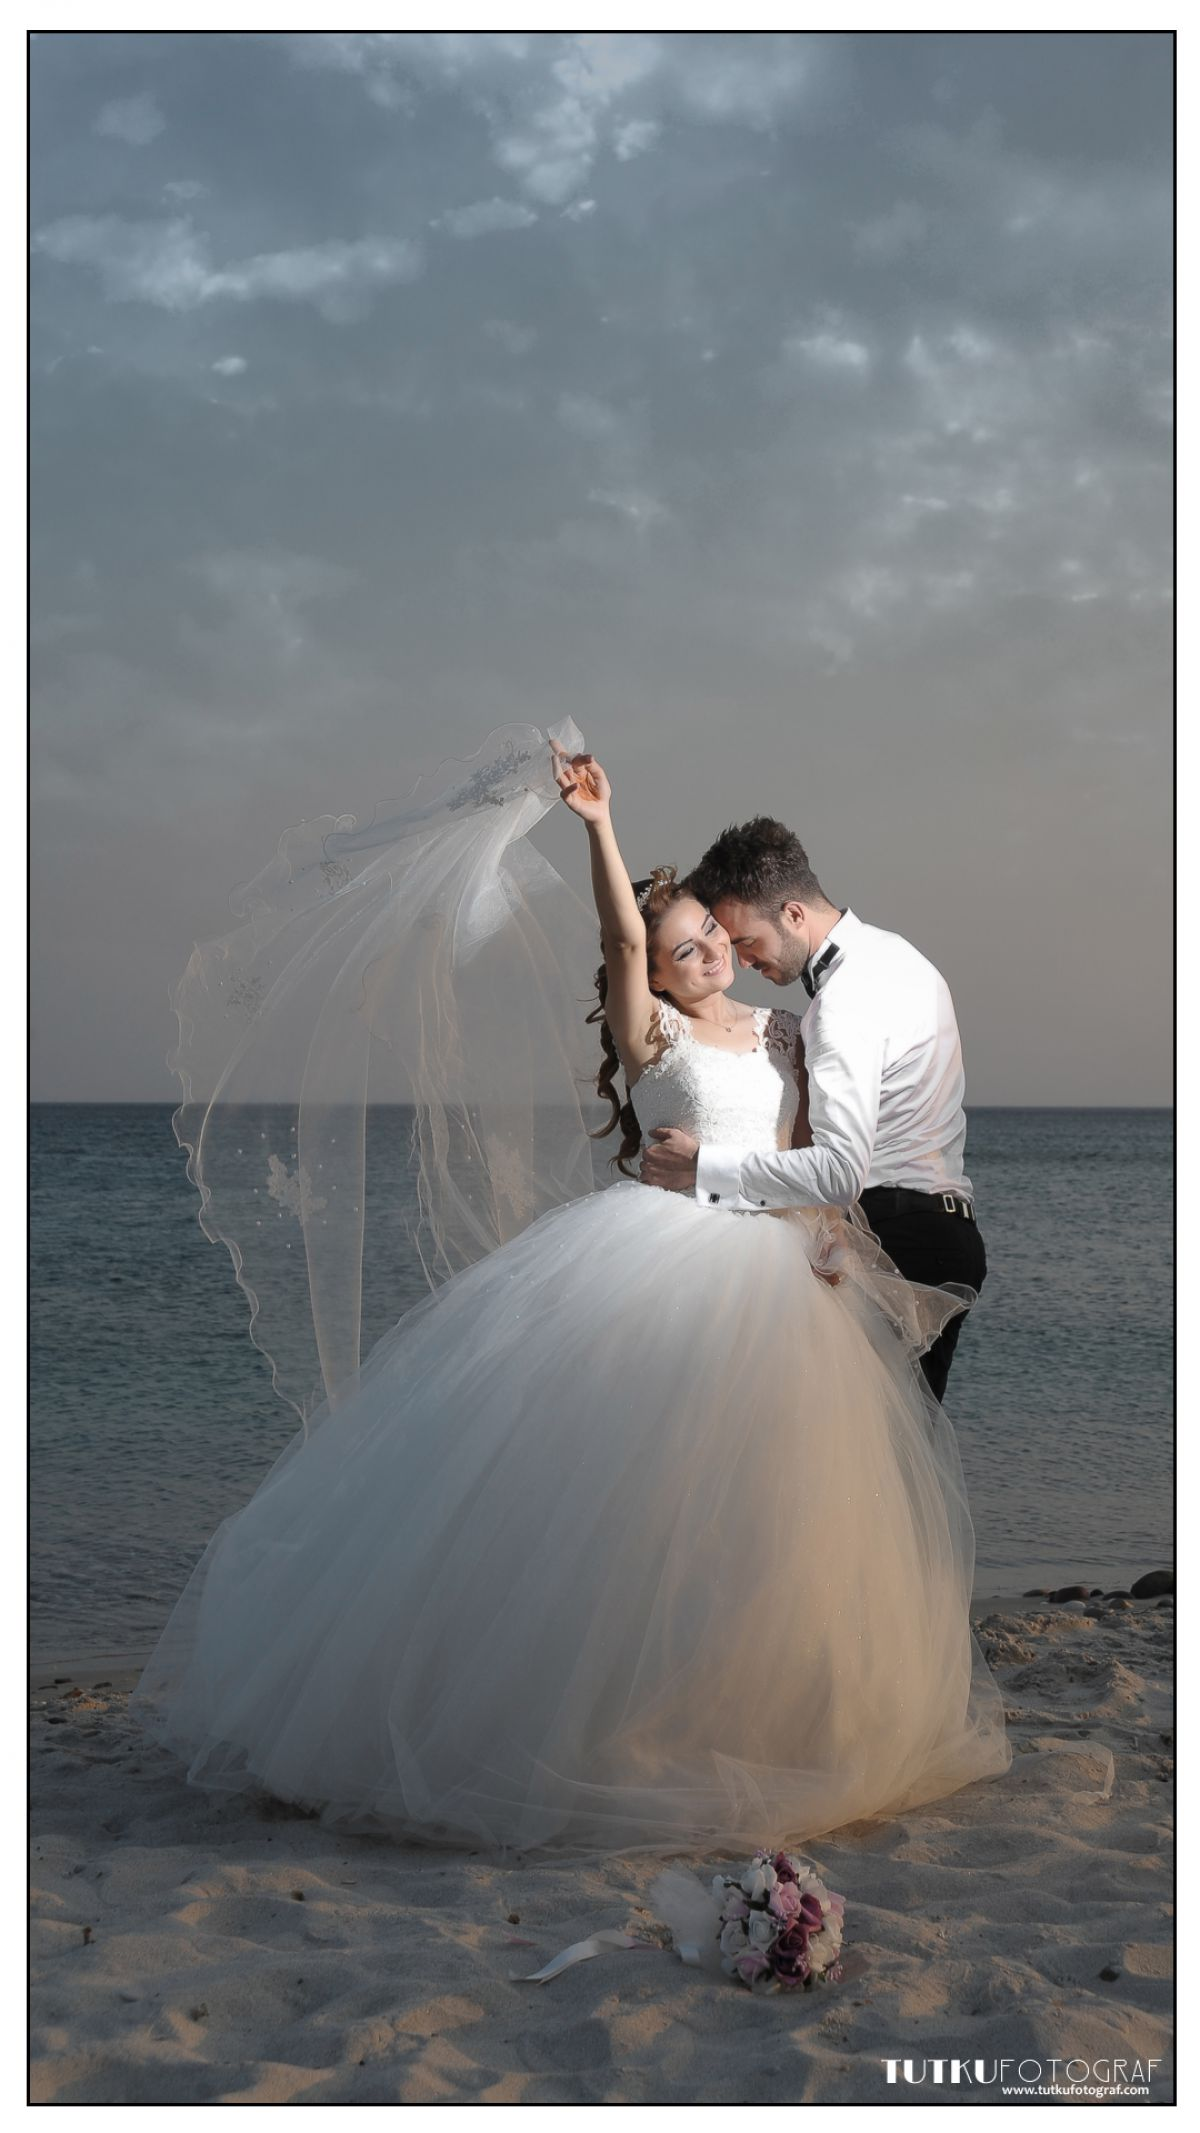 Alaçatı Düğün Fotoğrafçısı-Alacati-Dugun-Fotografcisi-4